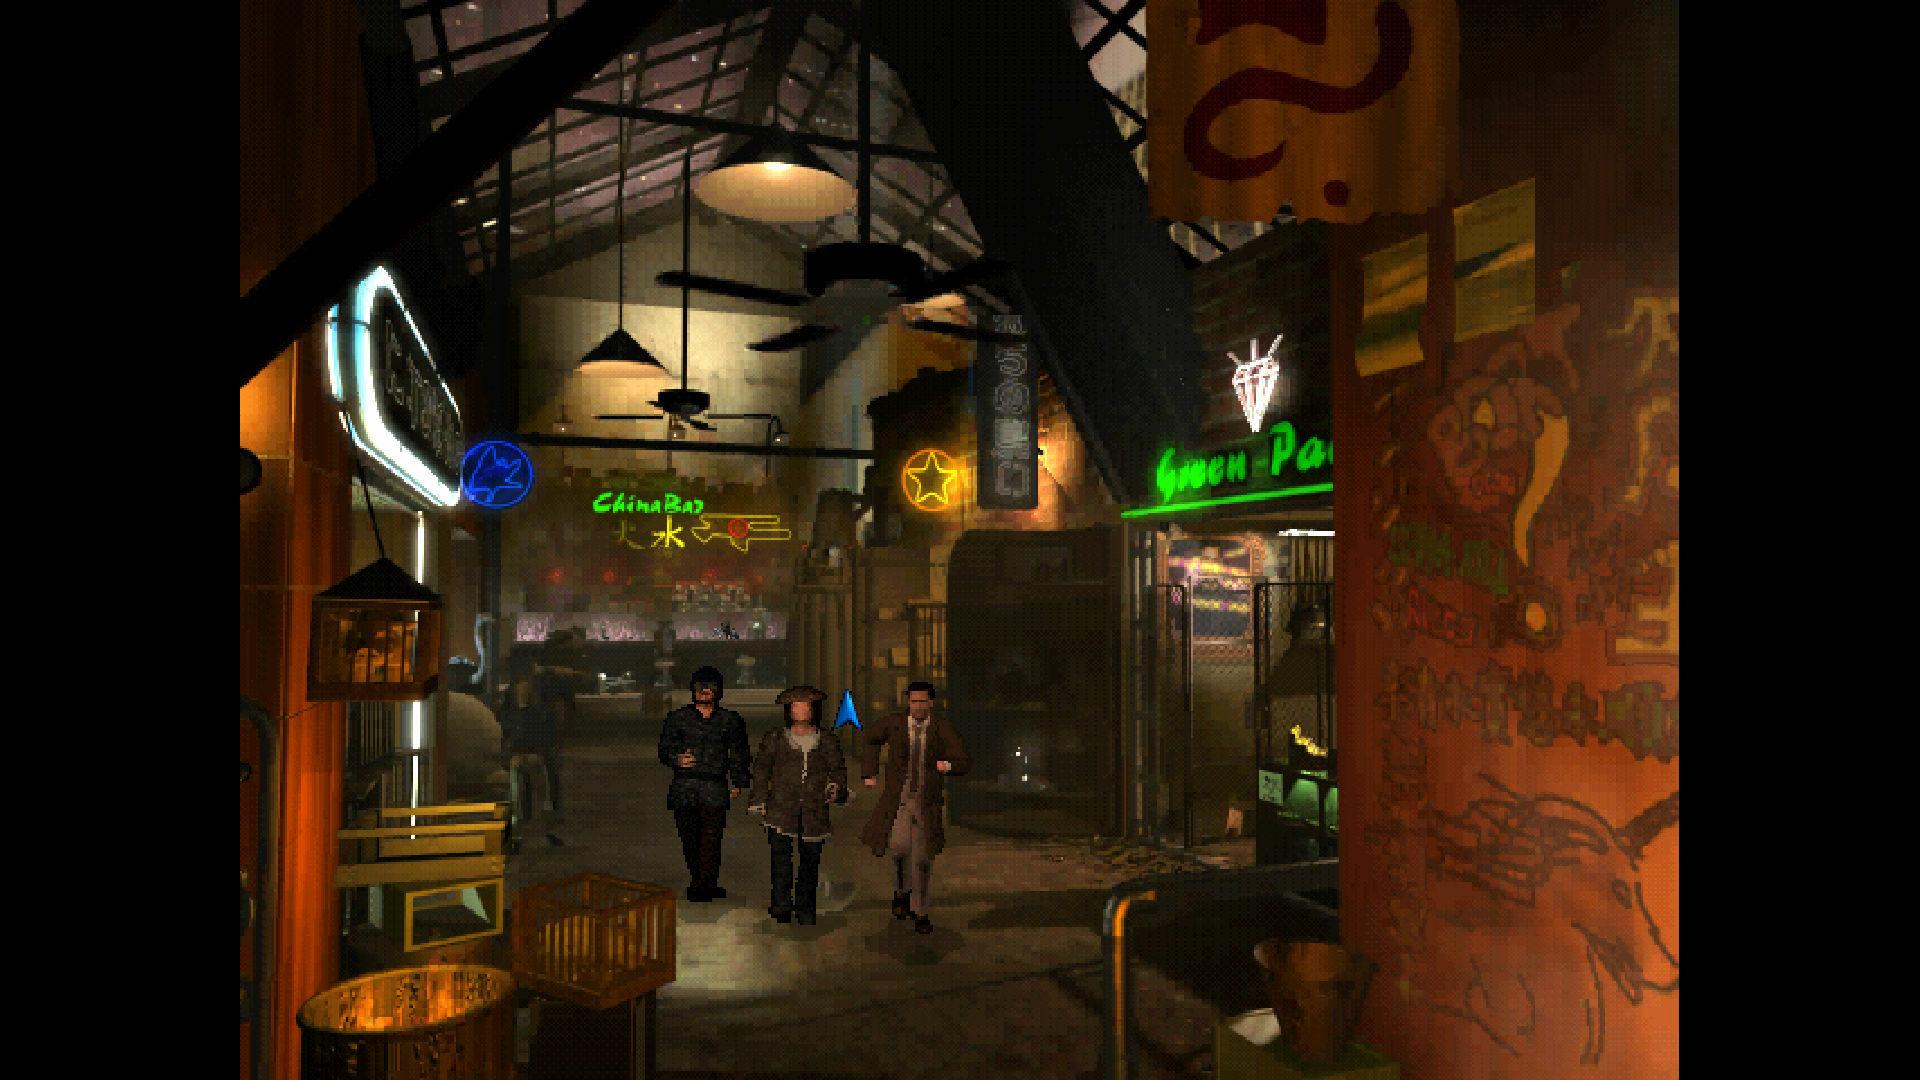 Confirmada la remasterización del clásico Blade Runner que llegará a PC y consolas 2